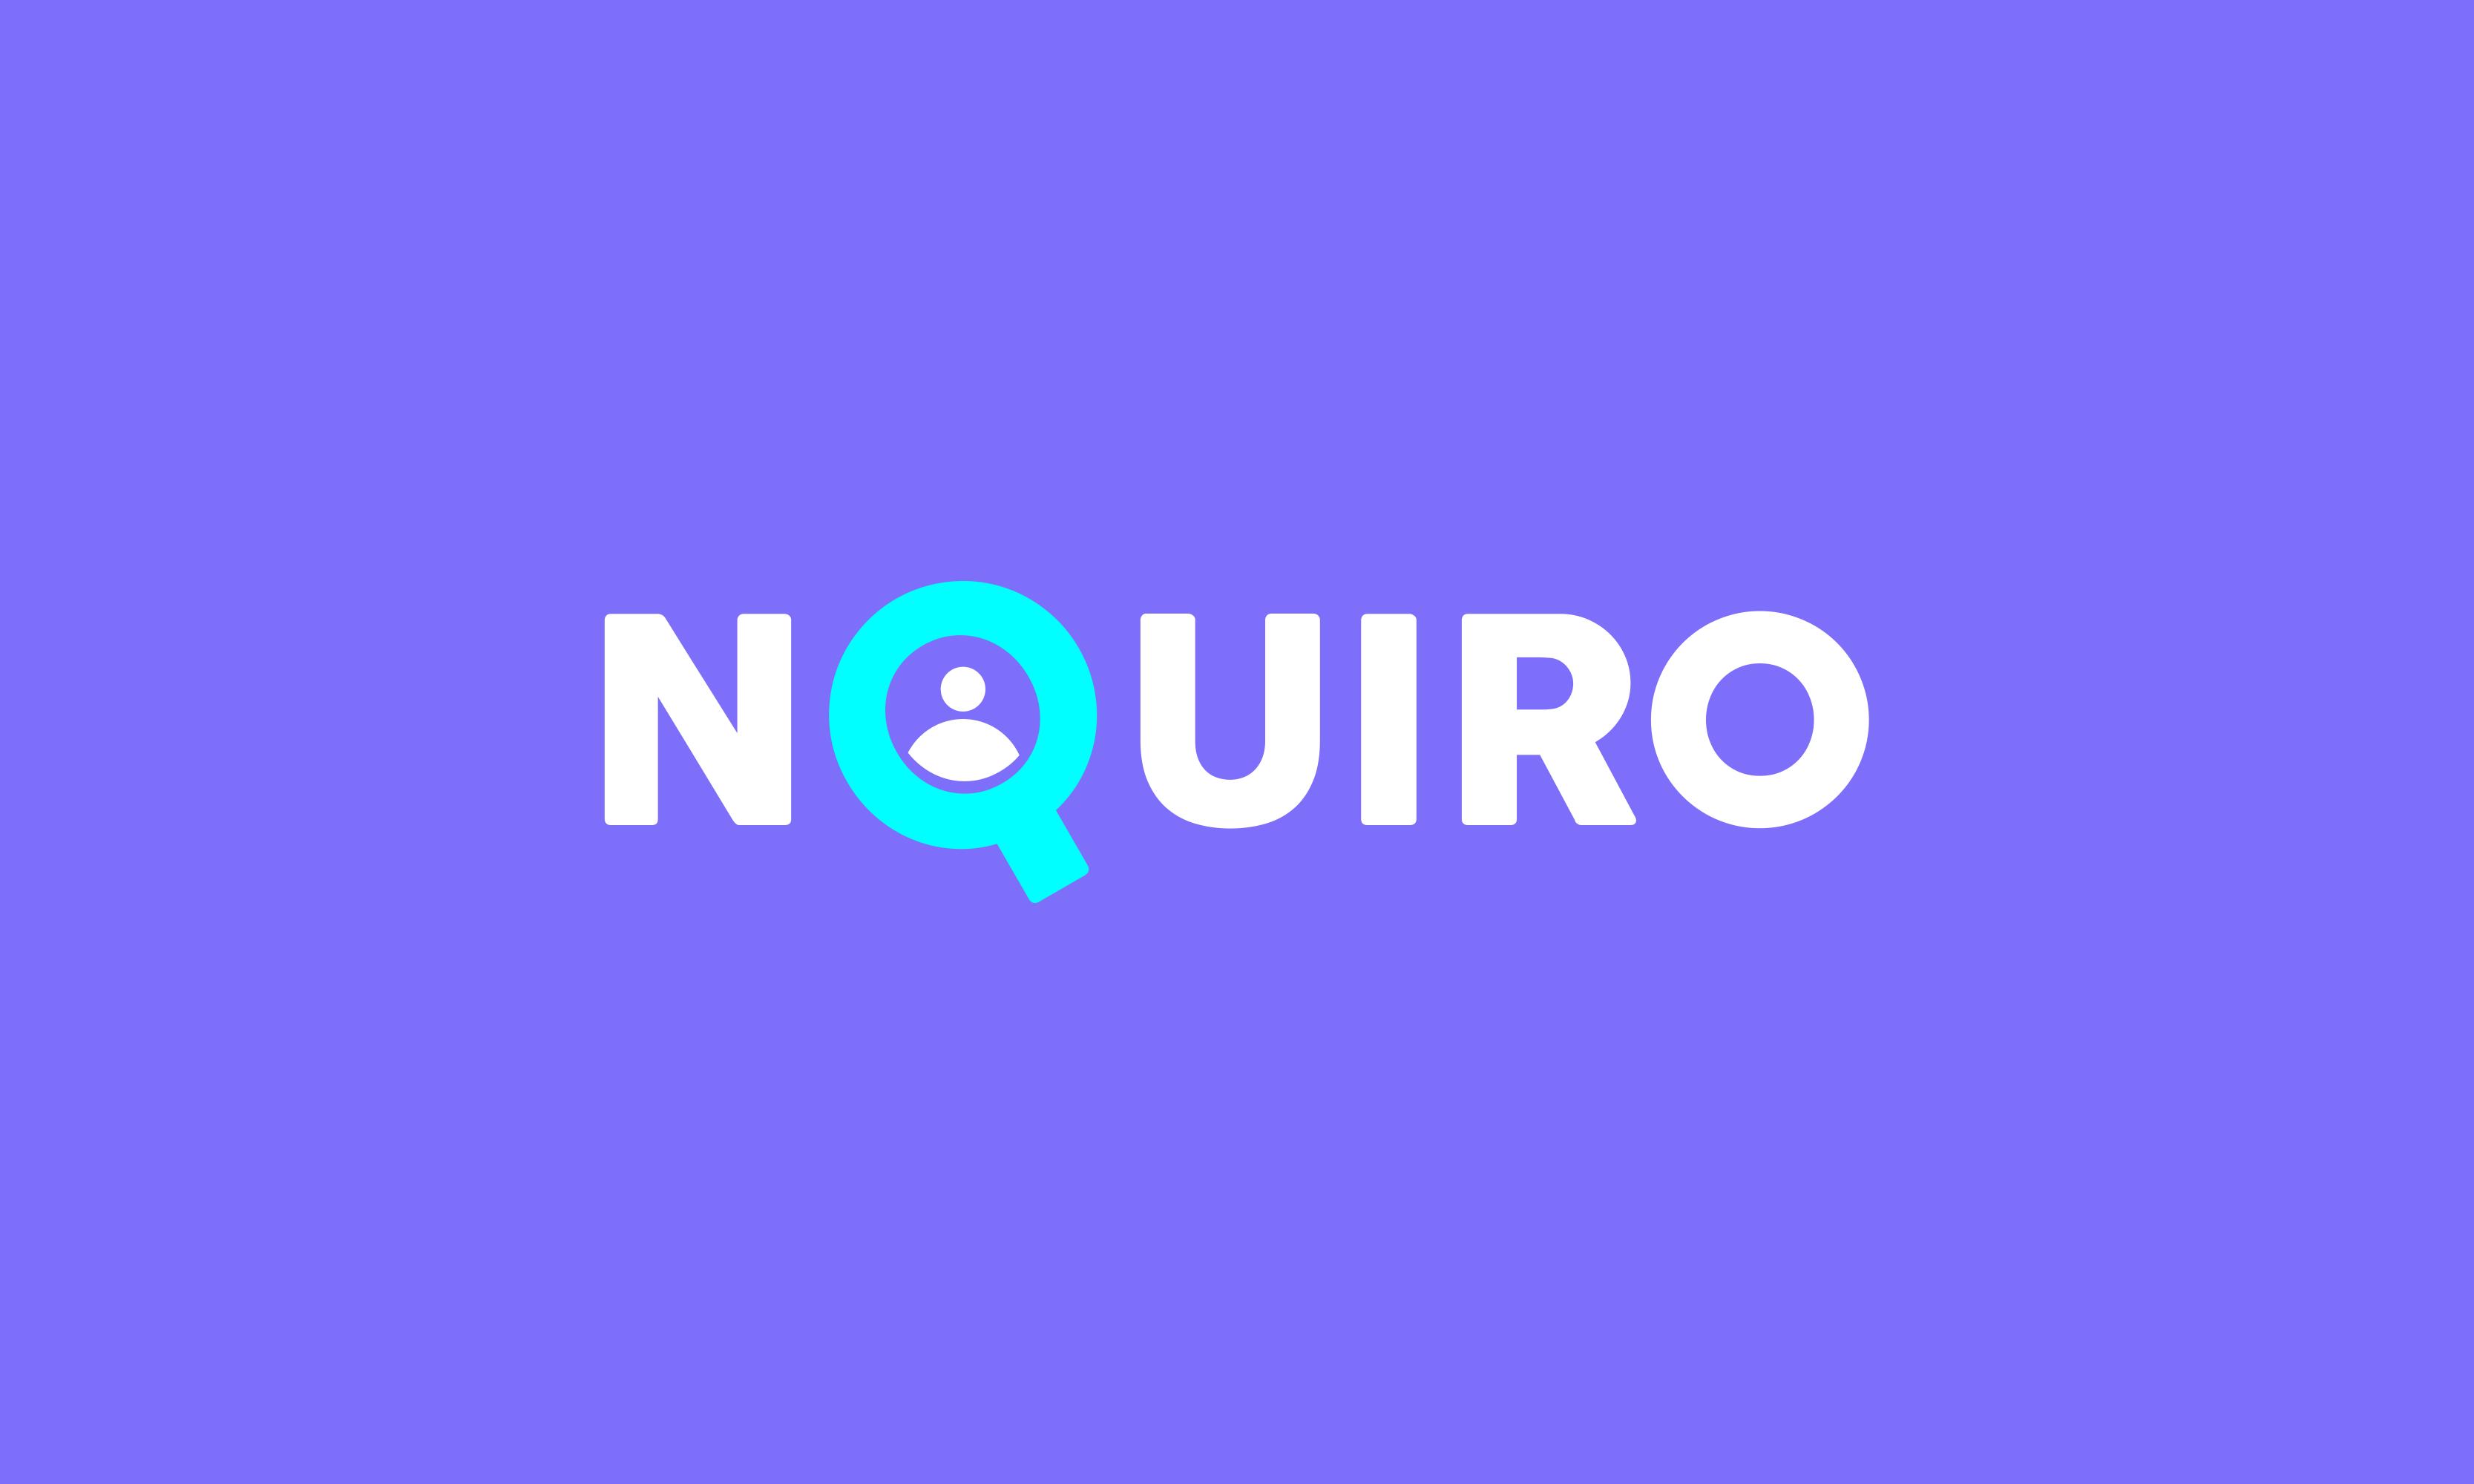 Nquiro